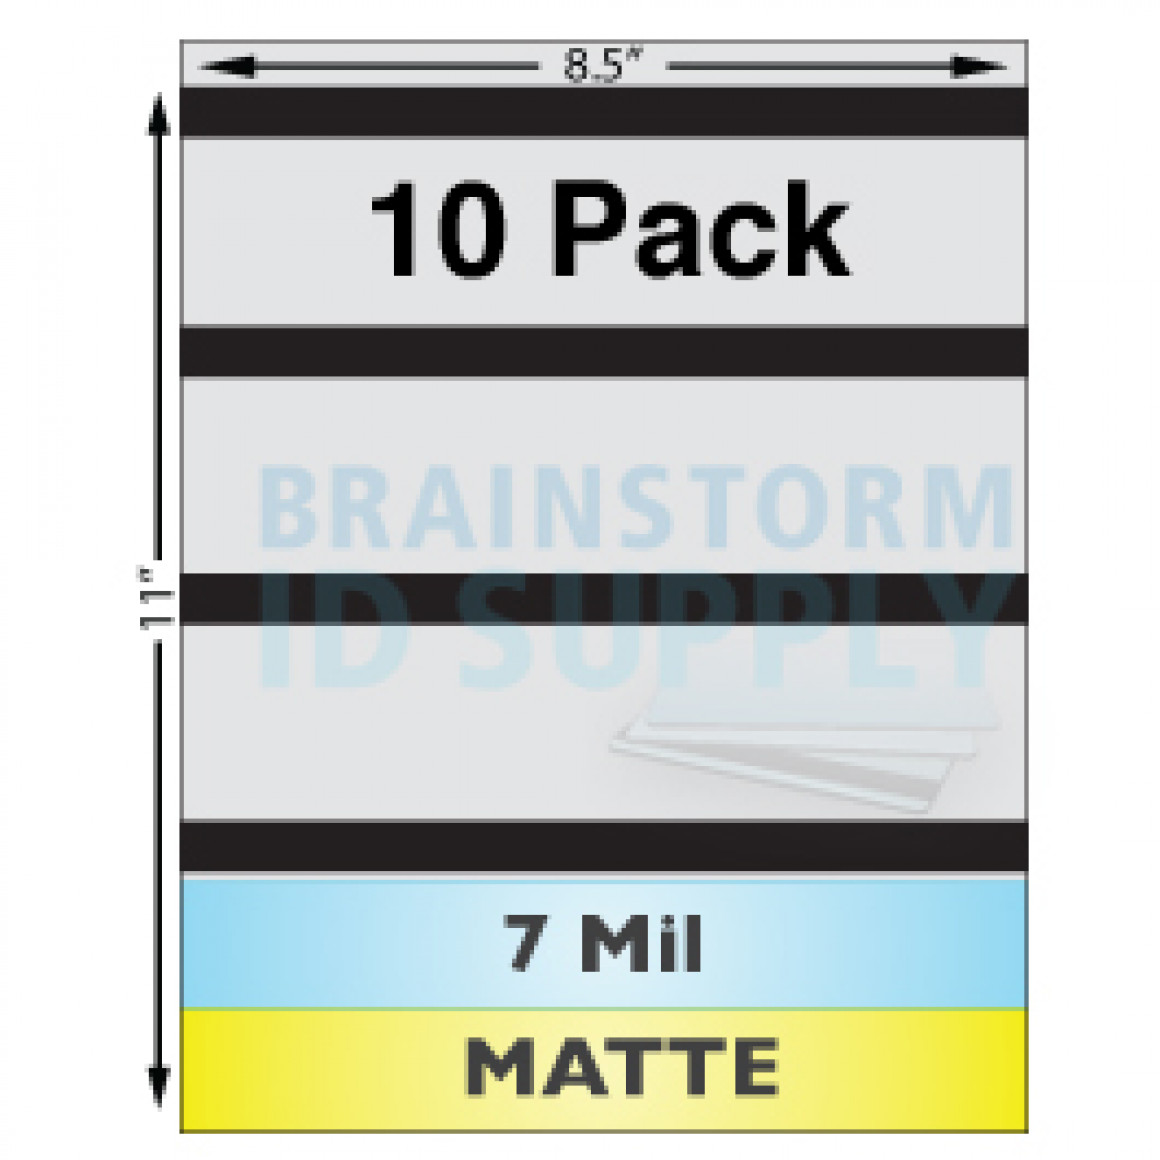 7 Mil Matte Full Sheet Laminates with 1/2